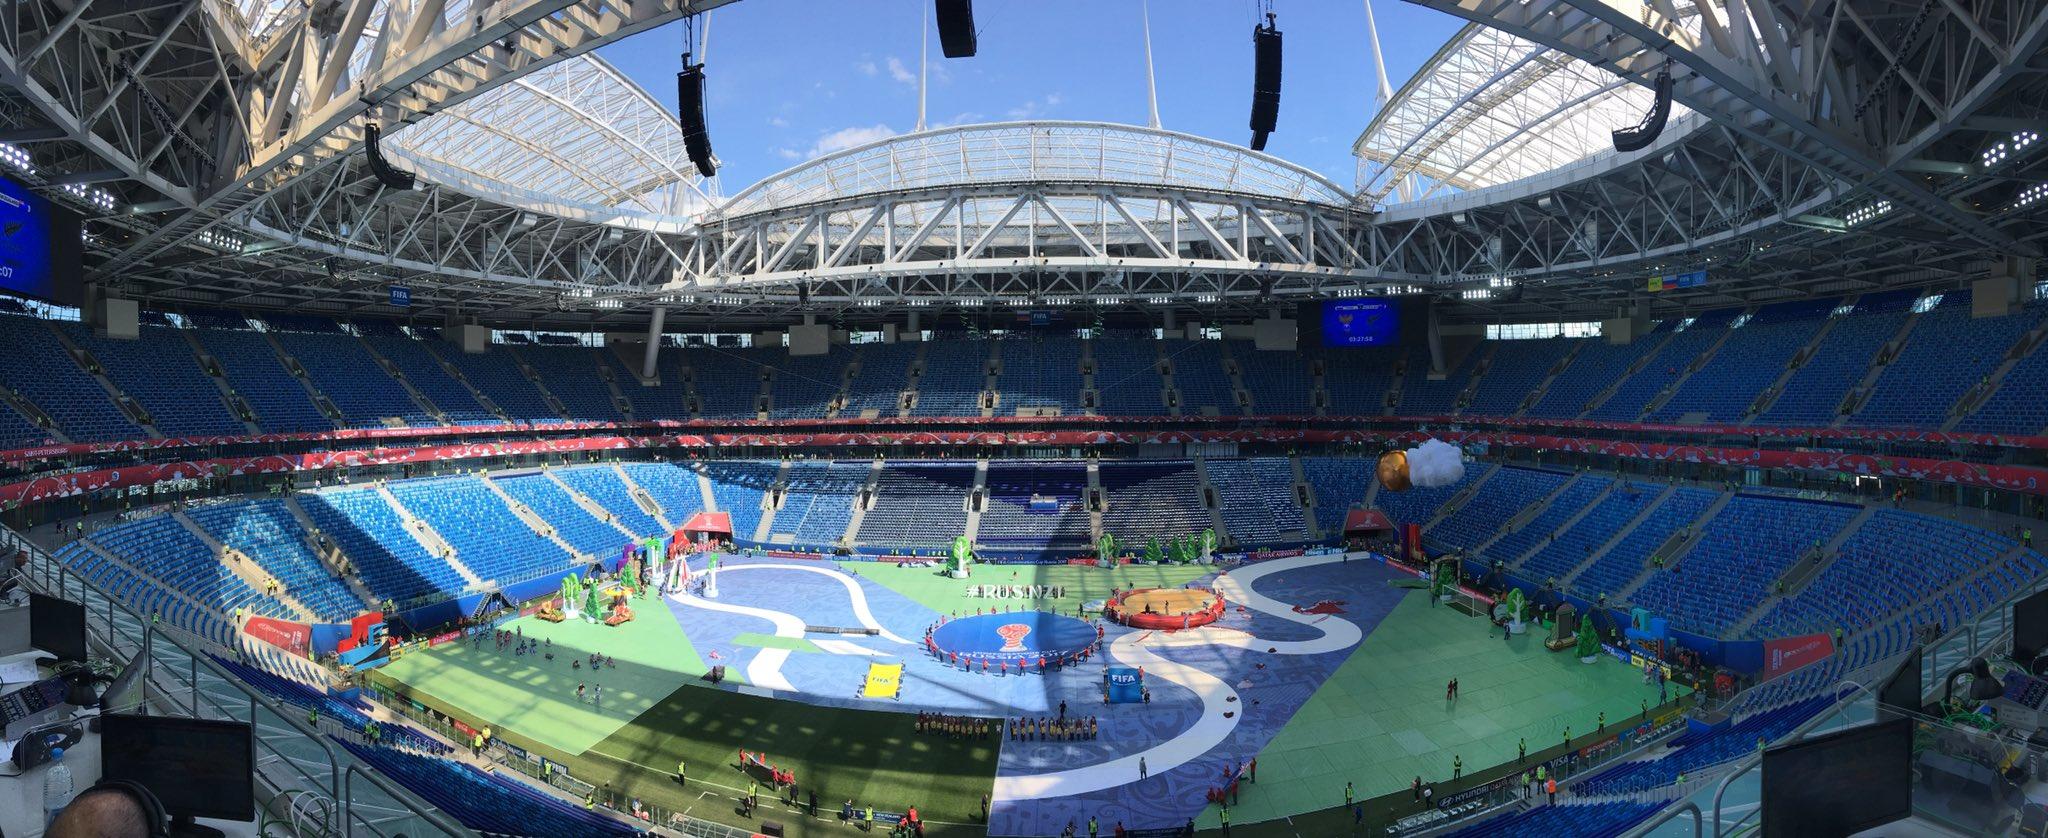 Im Stadion in St. Petersburg findet am Sonntag Abend das Confed-Cup-Finale statt. Ohne mich, auch wenn das die Organisatoren anders sehen. (Foto: Markus Sambale)